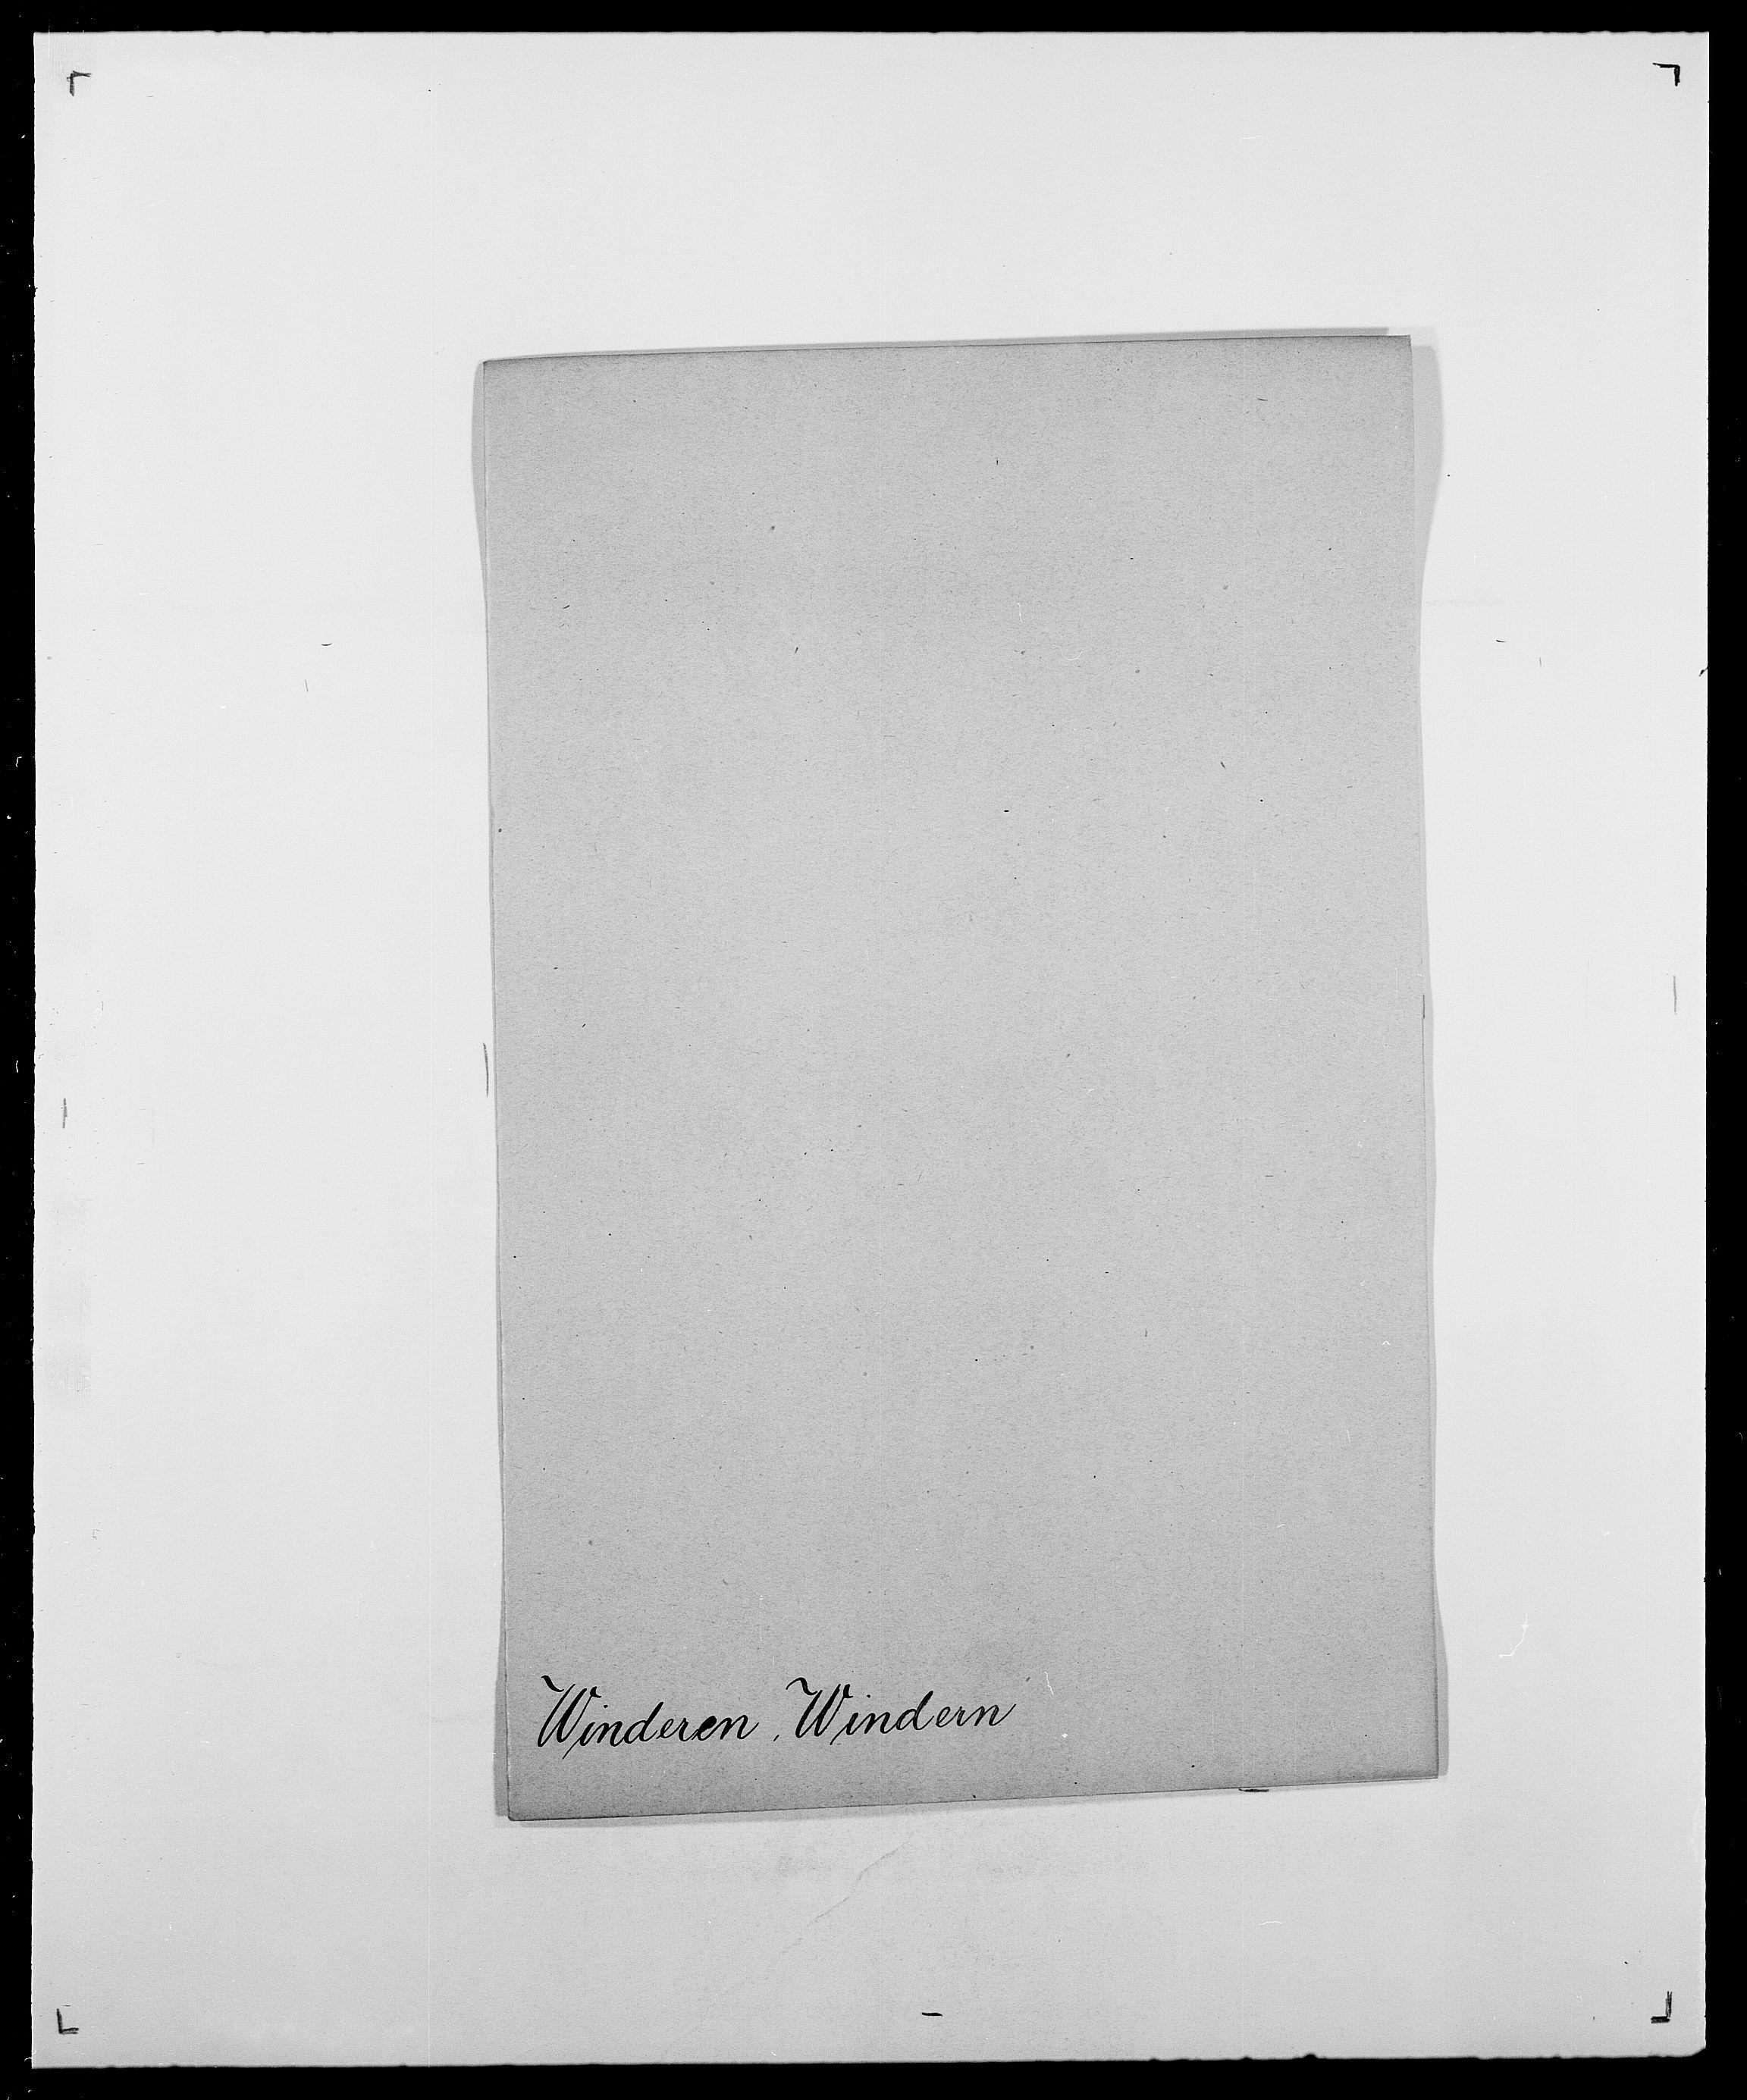 SAO, Delgobe, Charles Antoine - samling, D/Da/L0042: Vilain - Wulf, Wulff, se også Wolf, s. 149